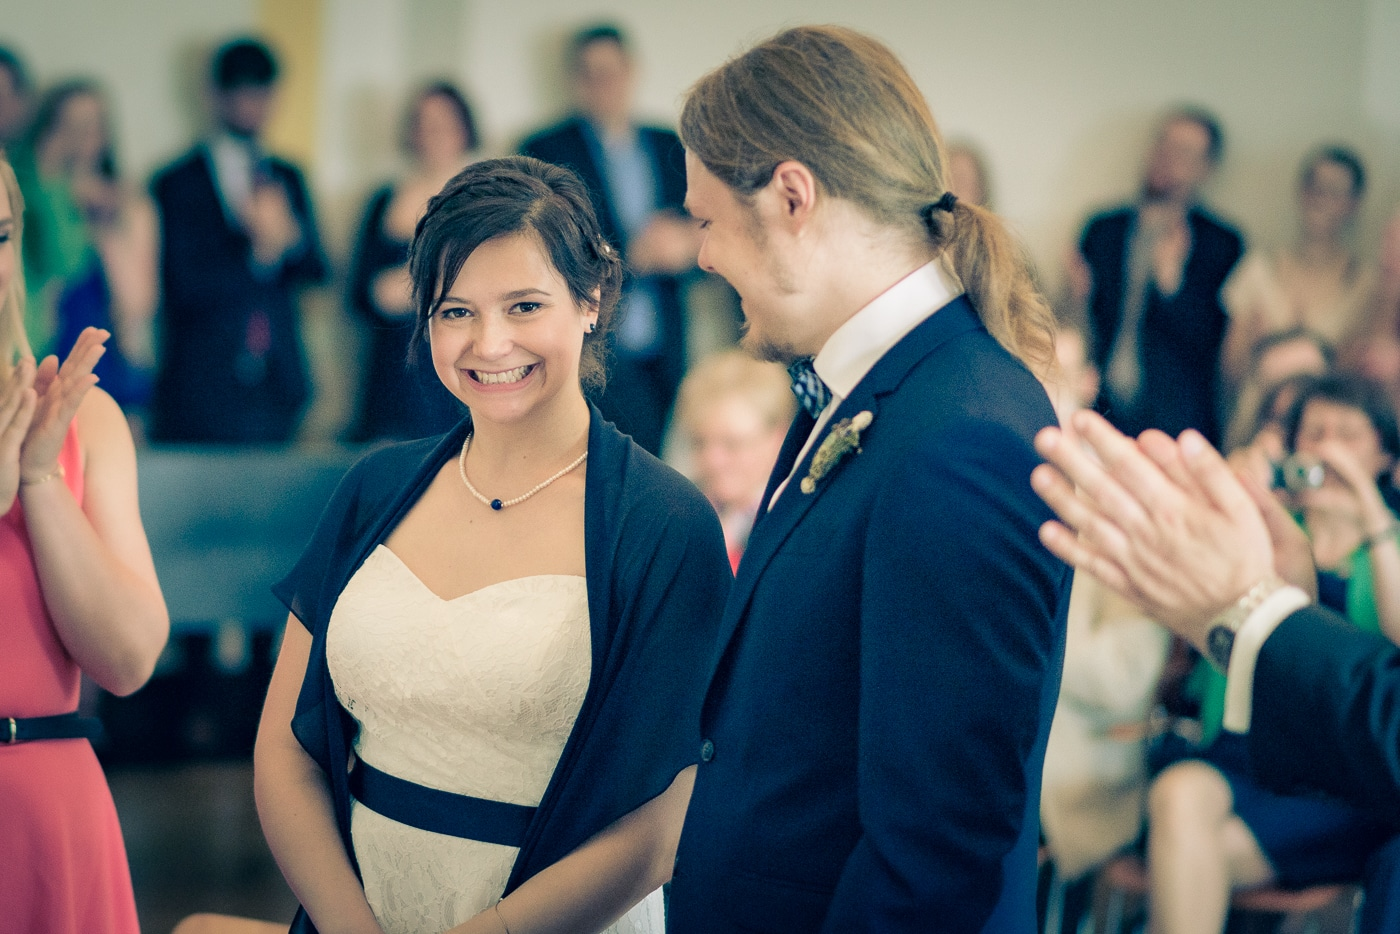 Hochzeitsfoto im Standesamt mit Braut und Bräutigam